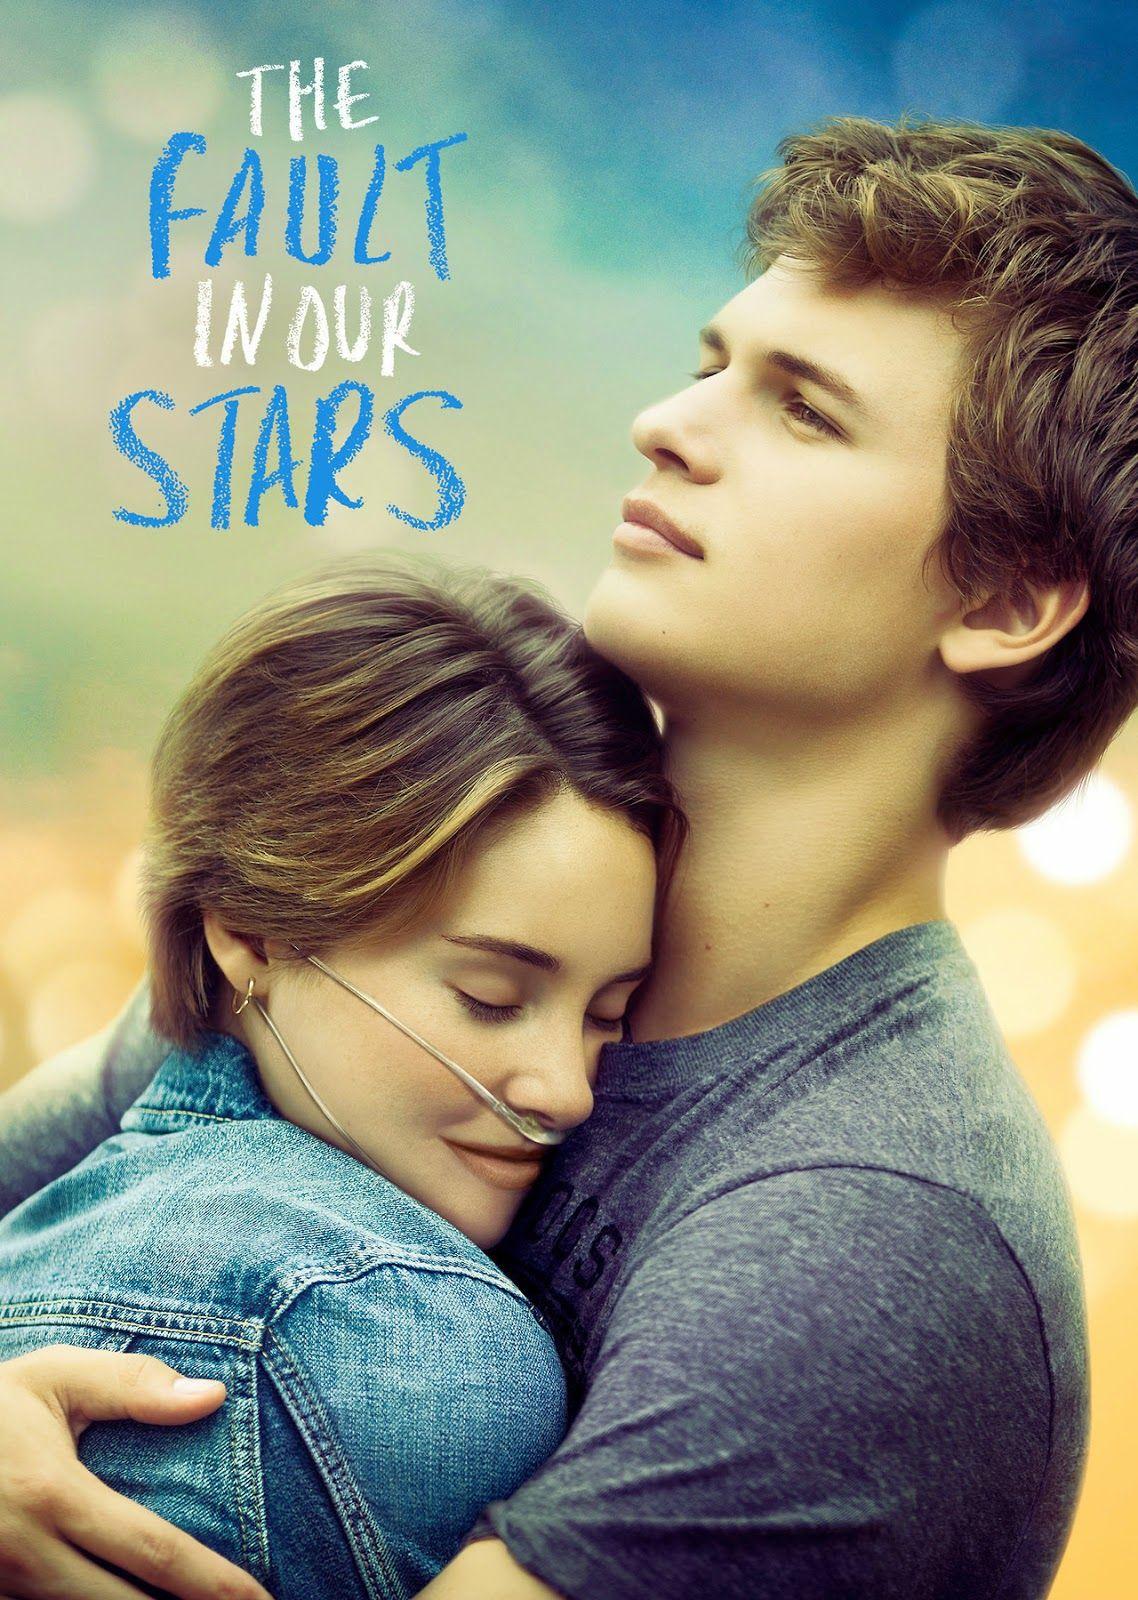 A Culpa E Das Estrelas Filmes Romanticos A Culpa E Das Estrelas